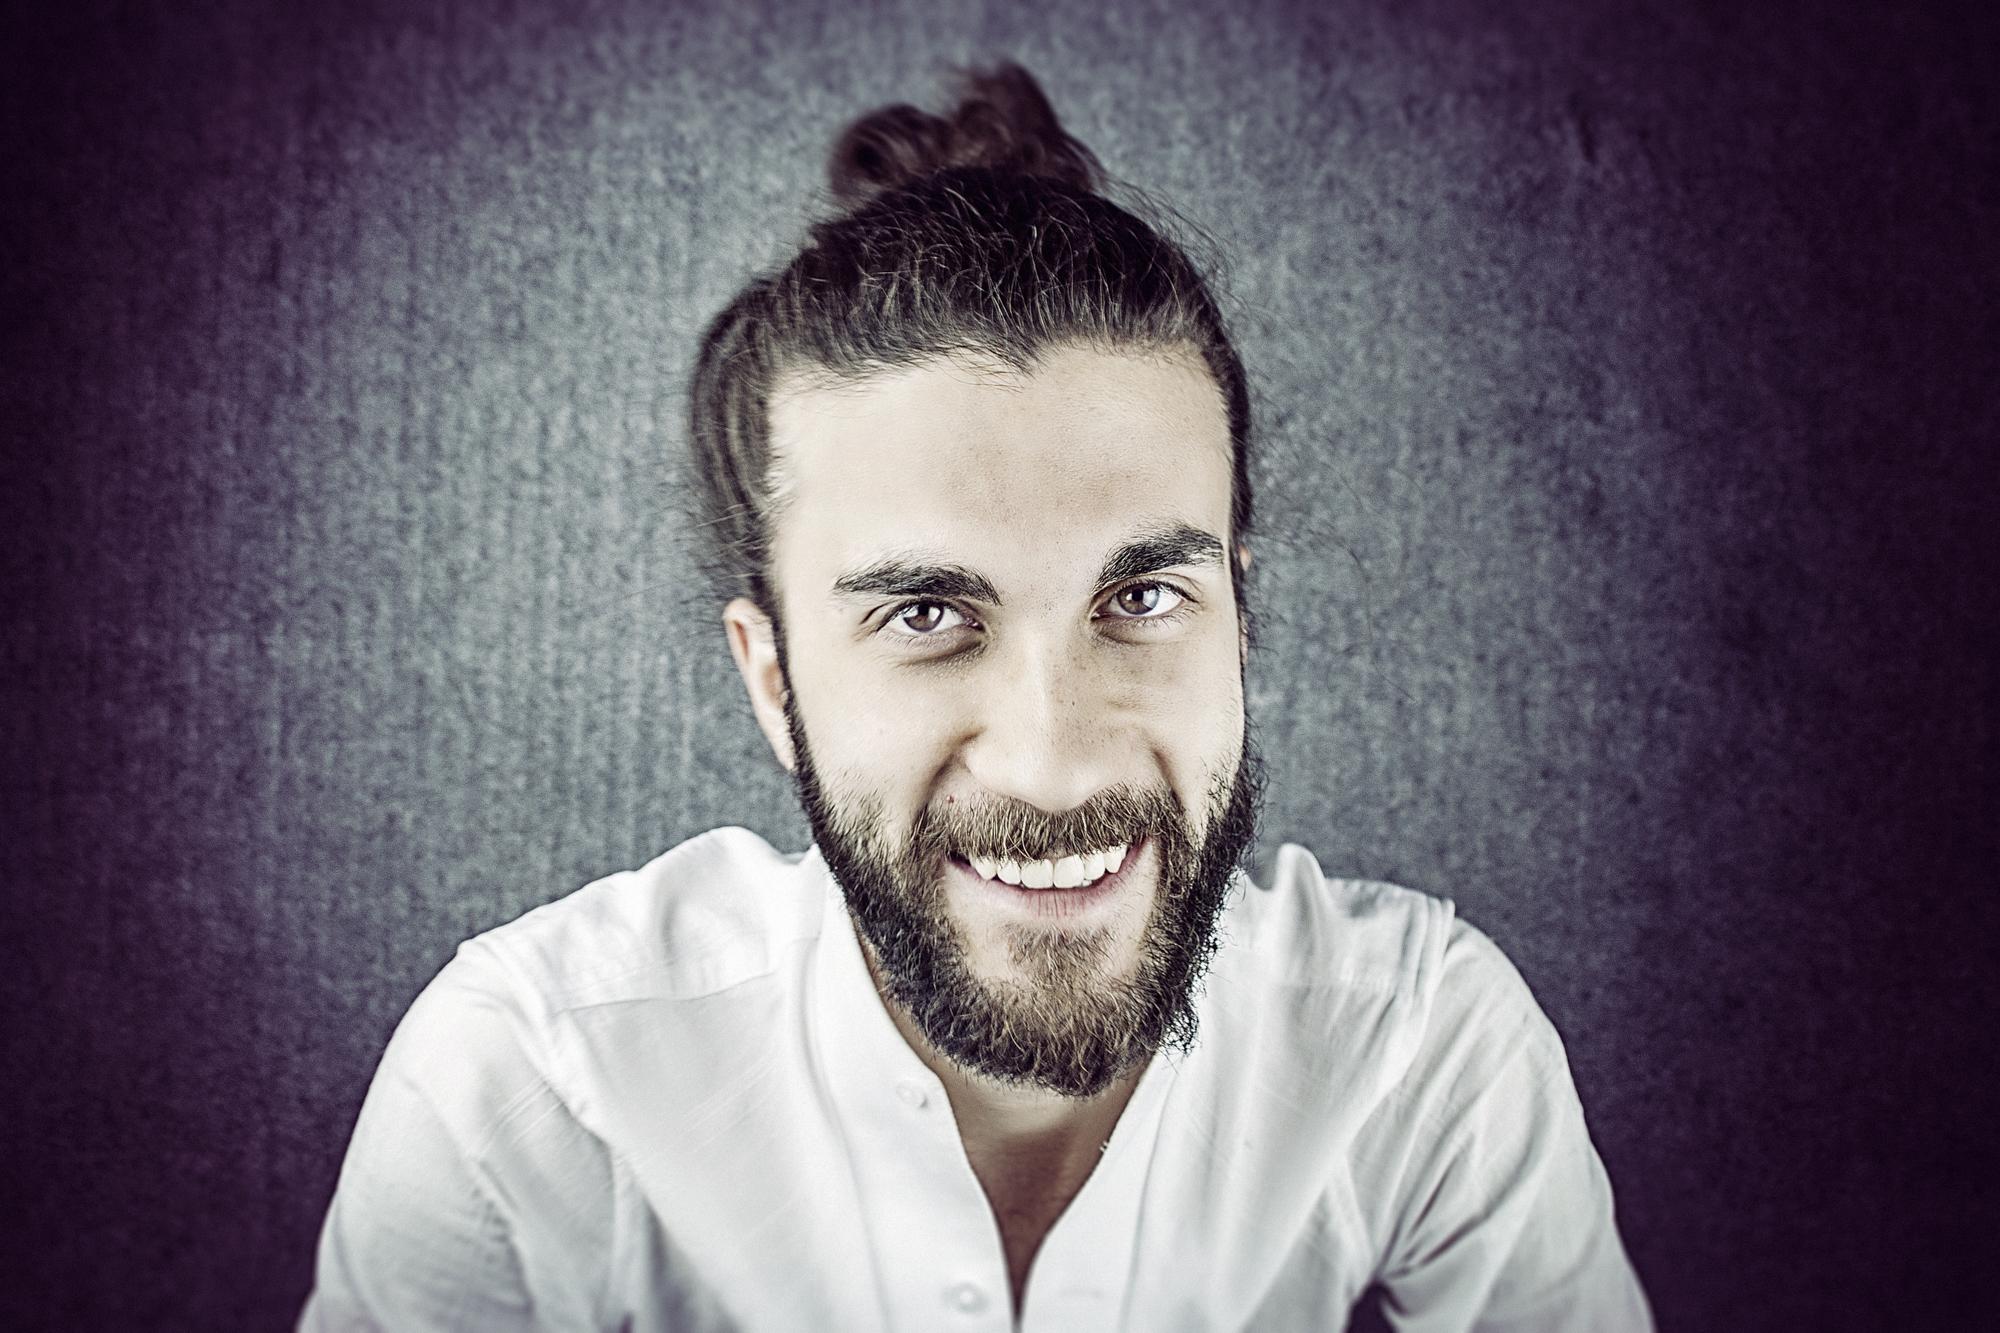 Alessio Mignacca